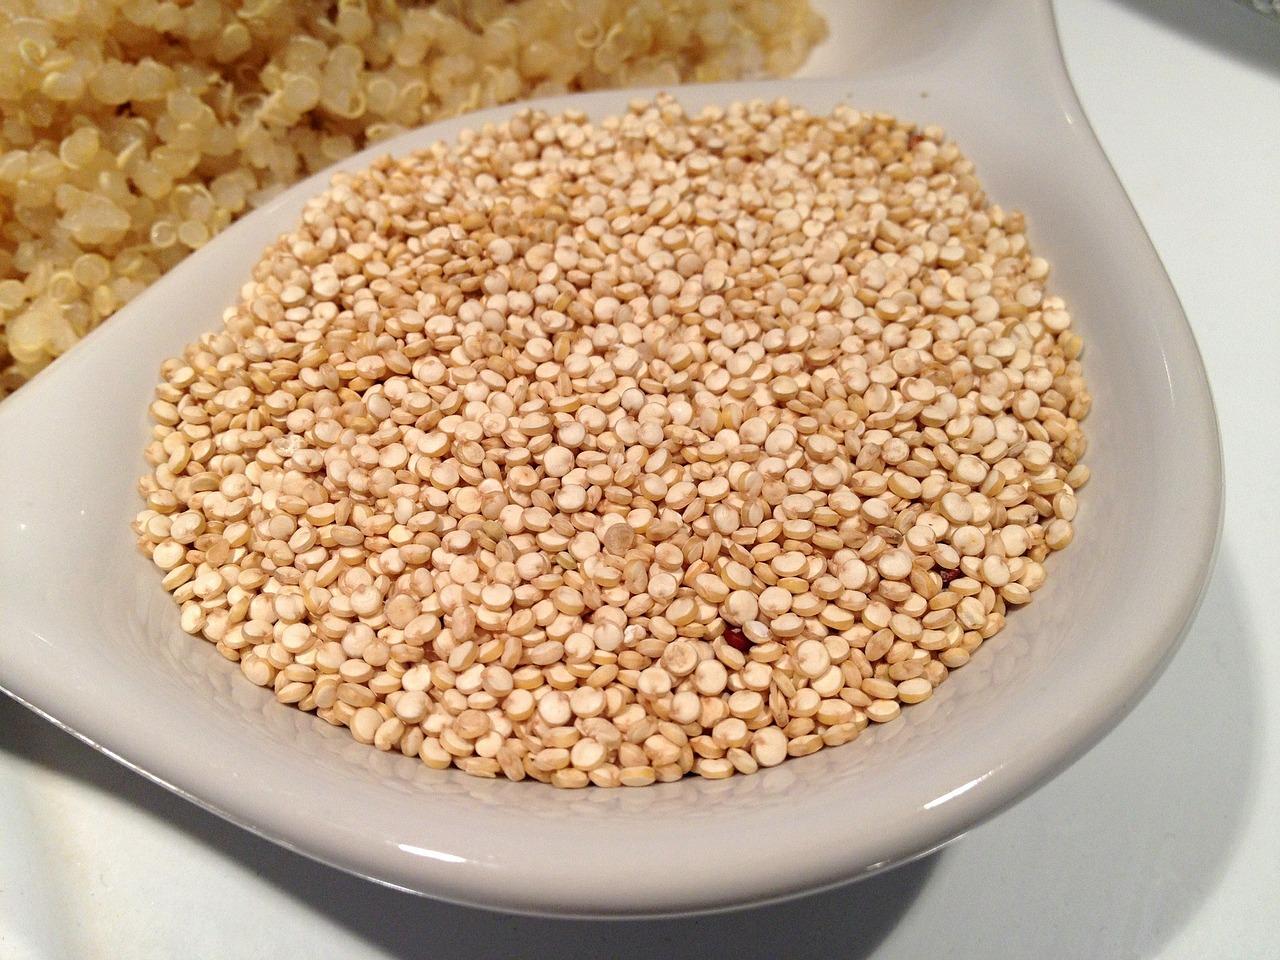 4 Super Alimentos Que Vão Melhorar a Tua Vida - www.amaeefit.com - Alimentação saudável, dicas para emagrecer, comida e nutrição, sementes, super alimentos